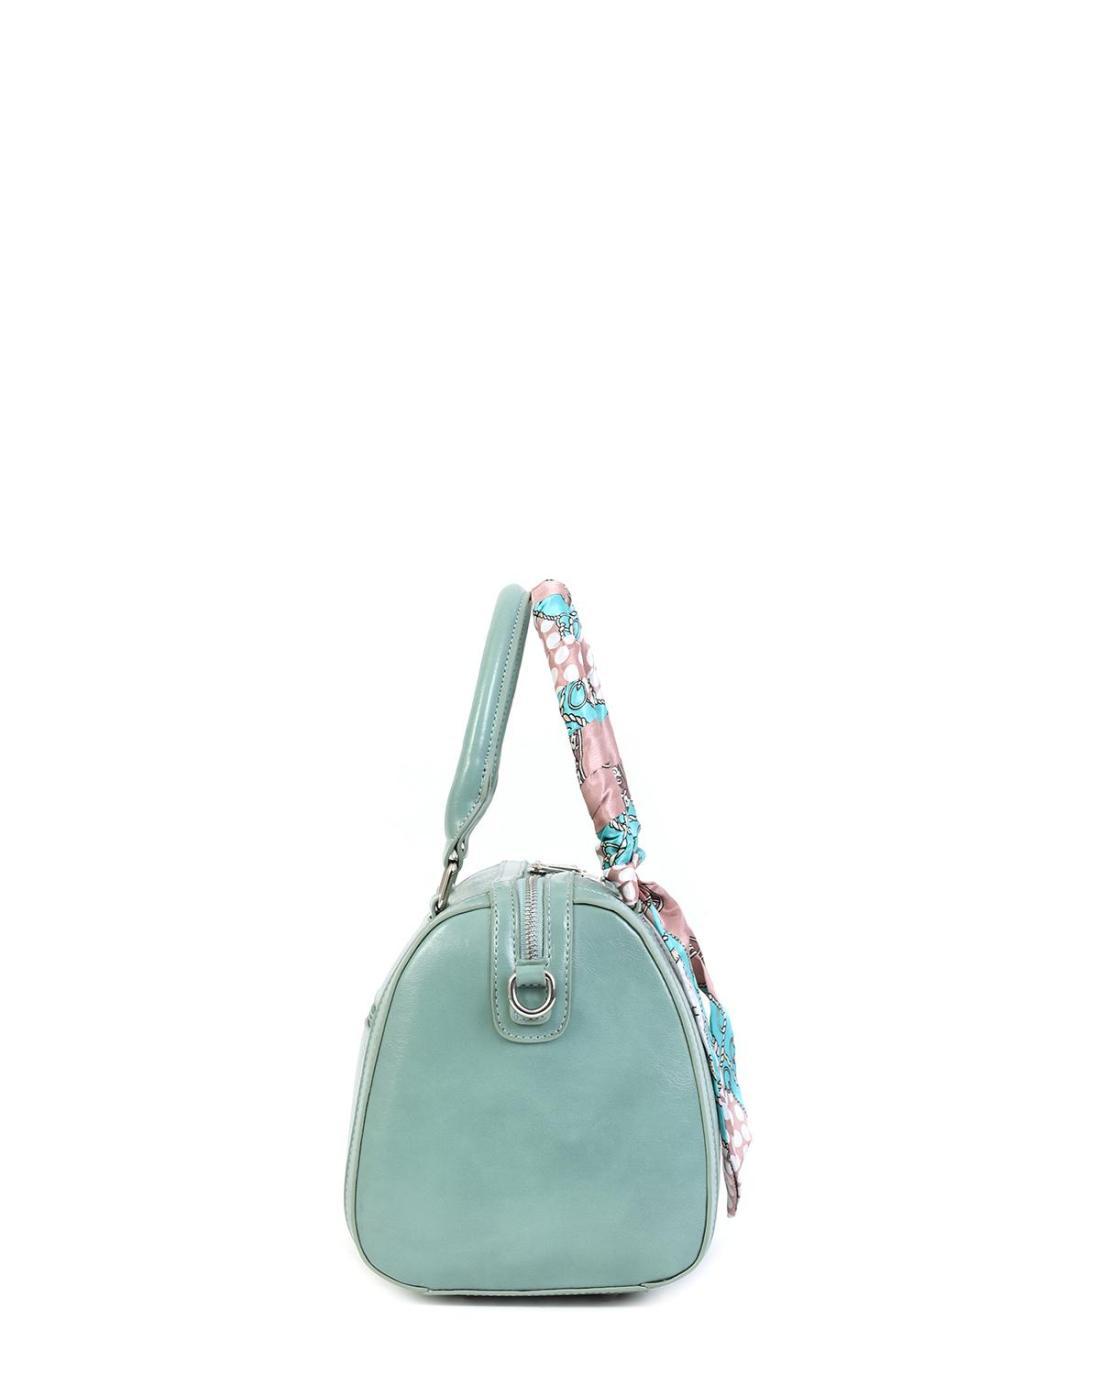 Καθημερινή τσάντα χειρός/ώμου πράσινο της μέντας